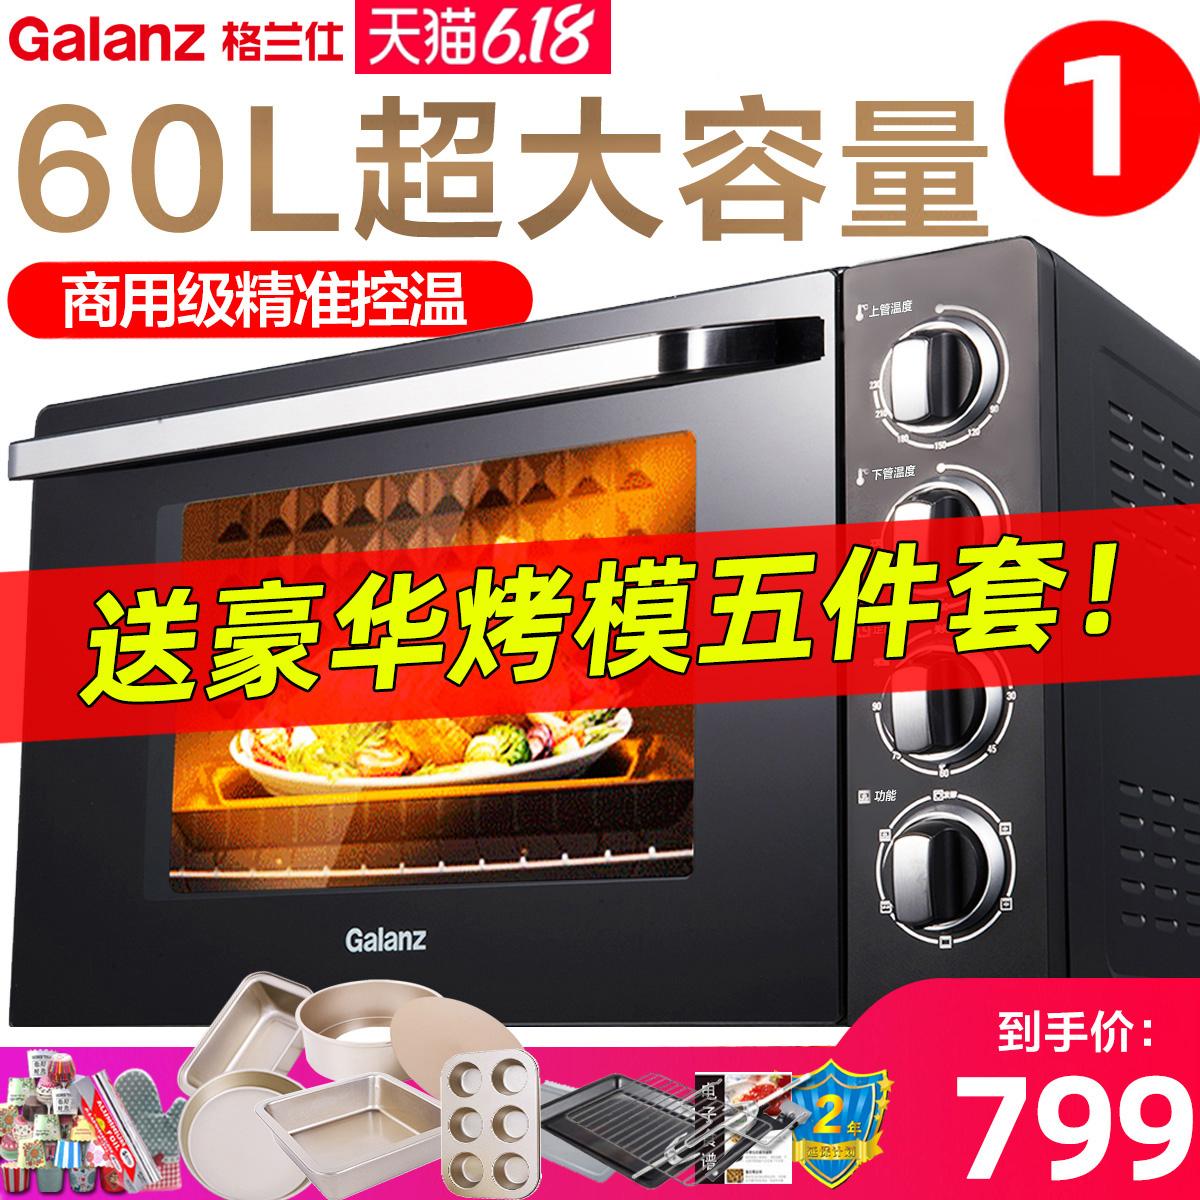 点击查看商品:格兰仕家用商用60升电烤箱烘焙多功能全自动搪瓷烤箱大容量烤D1N